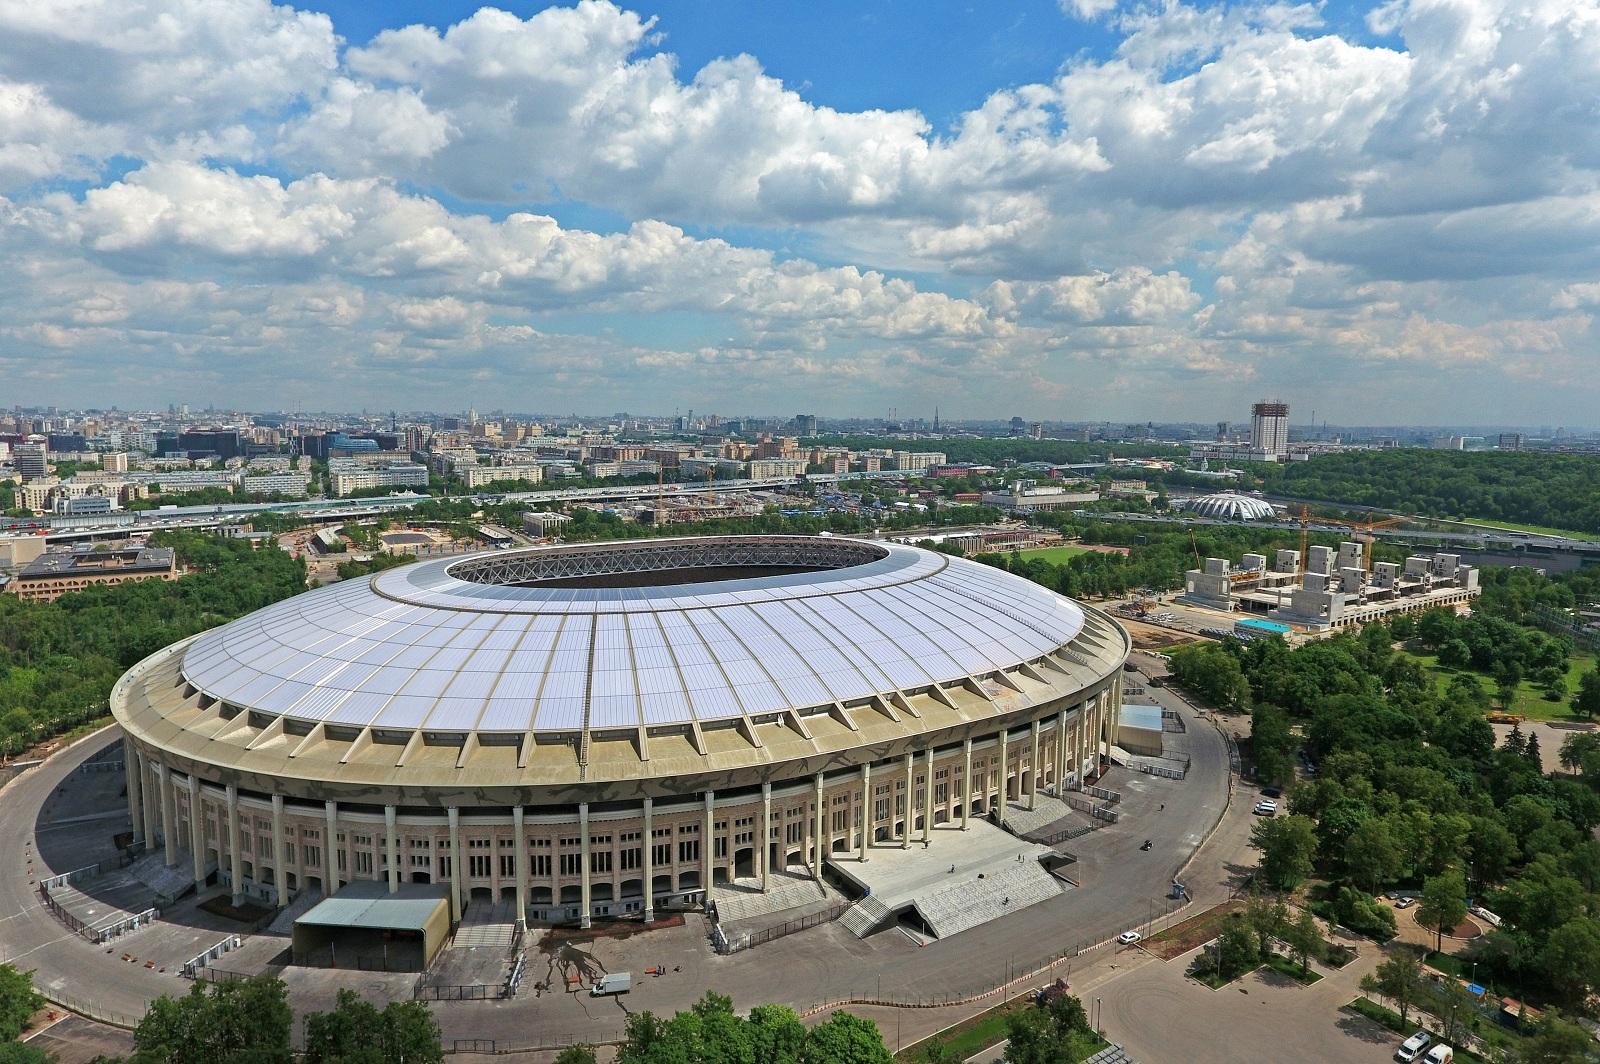 World Cup Venue Tour: Luzhniki Stadium